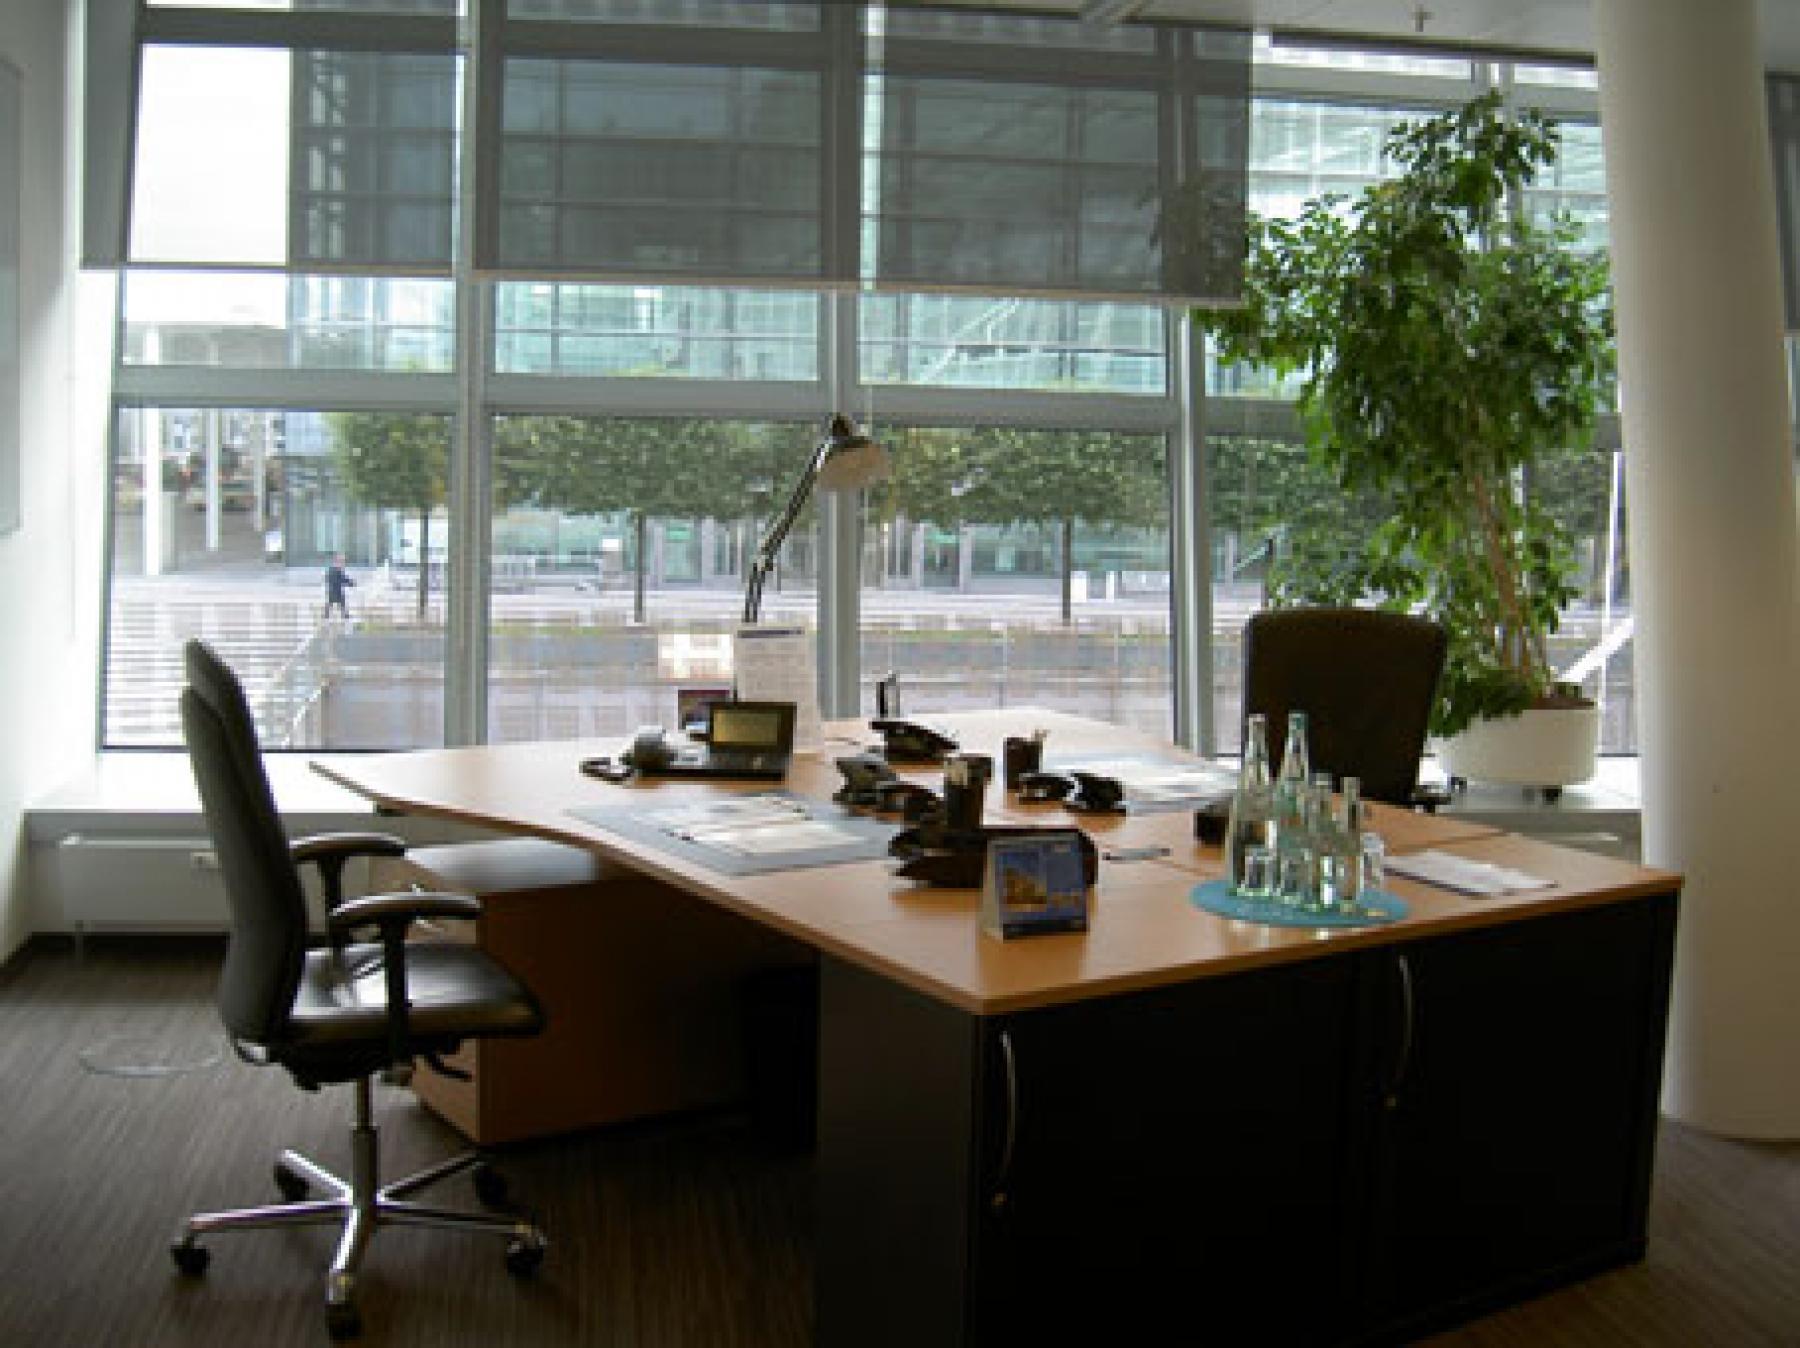 Helles Büro mieten am Flughafen München